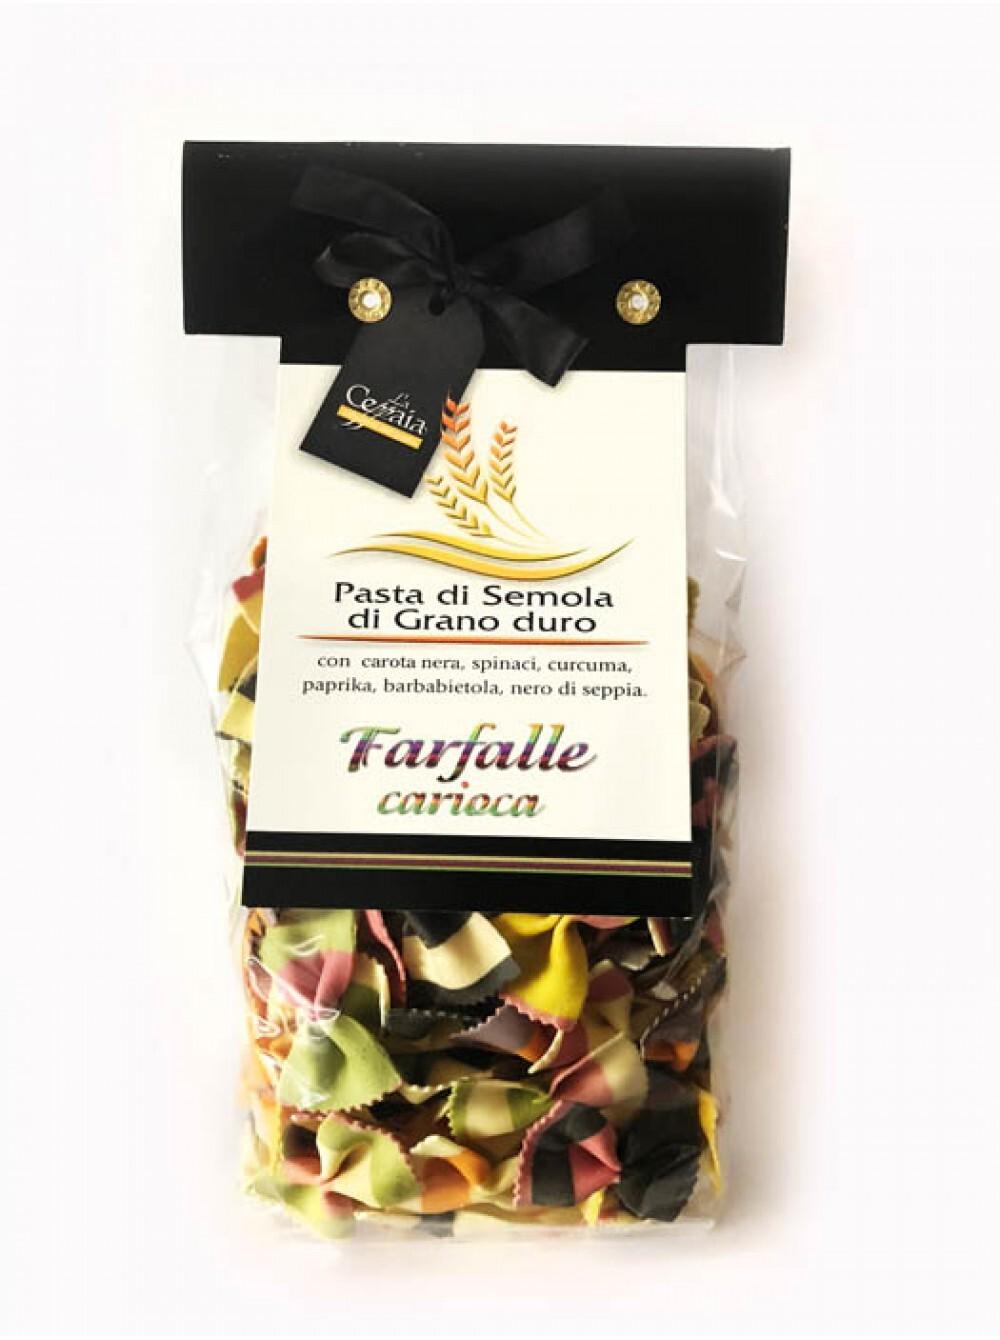 La Novella детская разноцветная паста ручной работы в форме фарфалле.